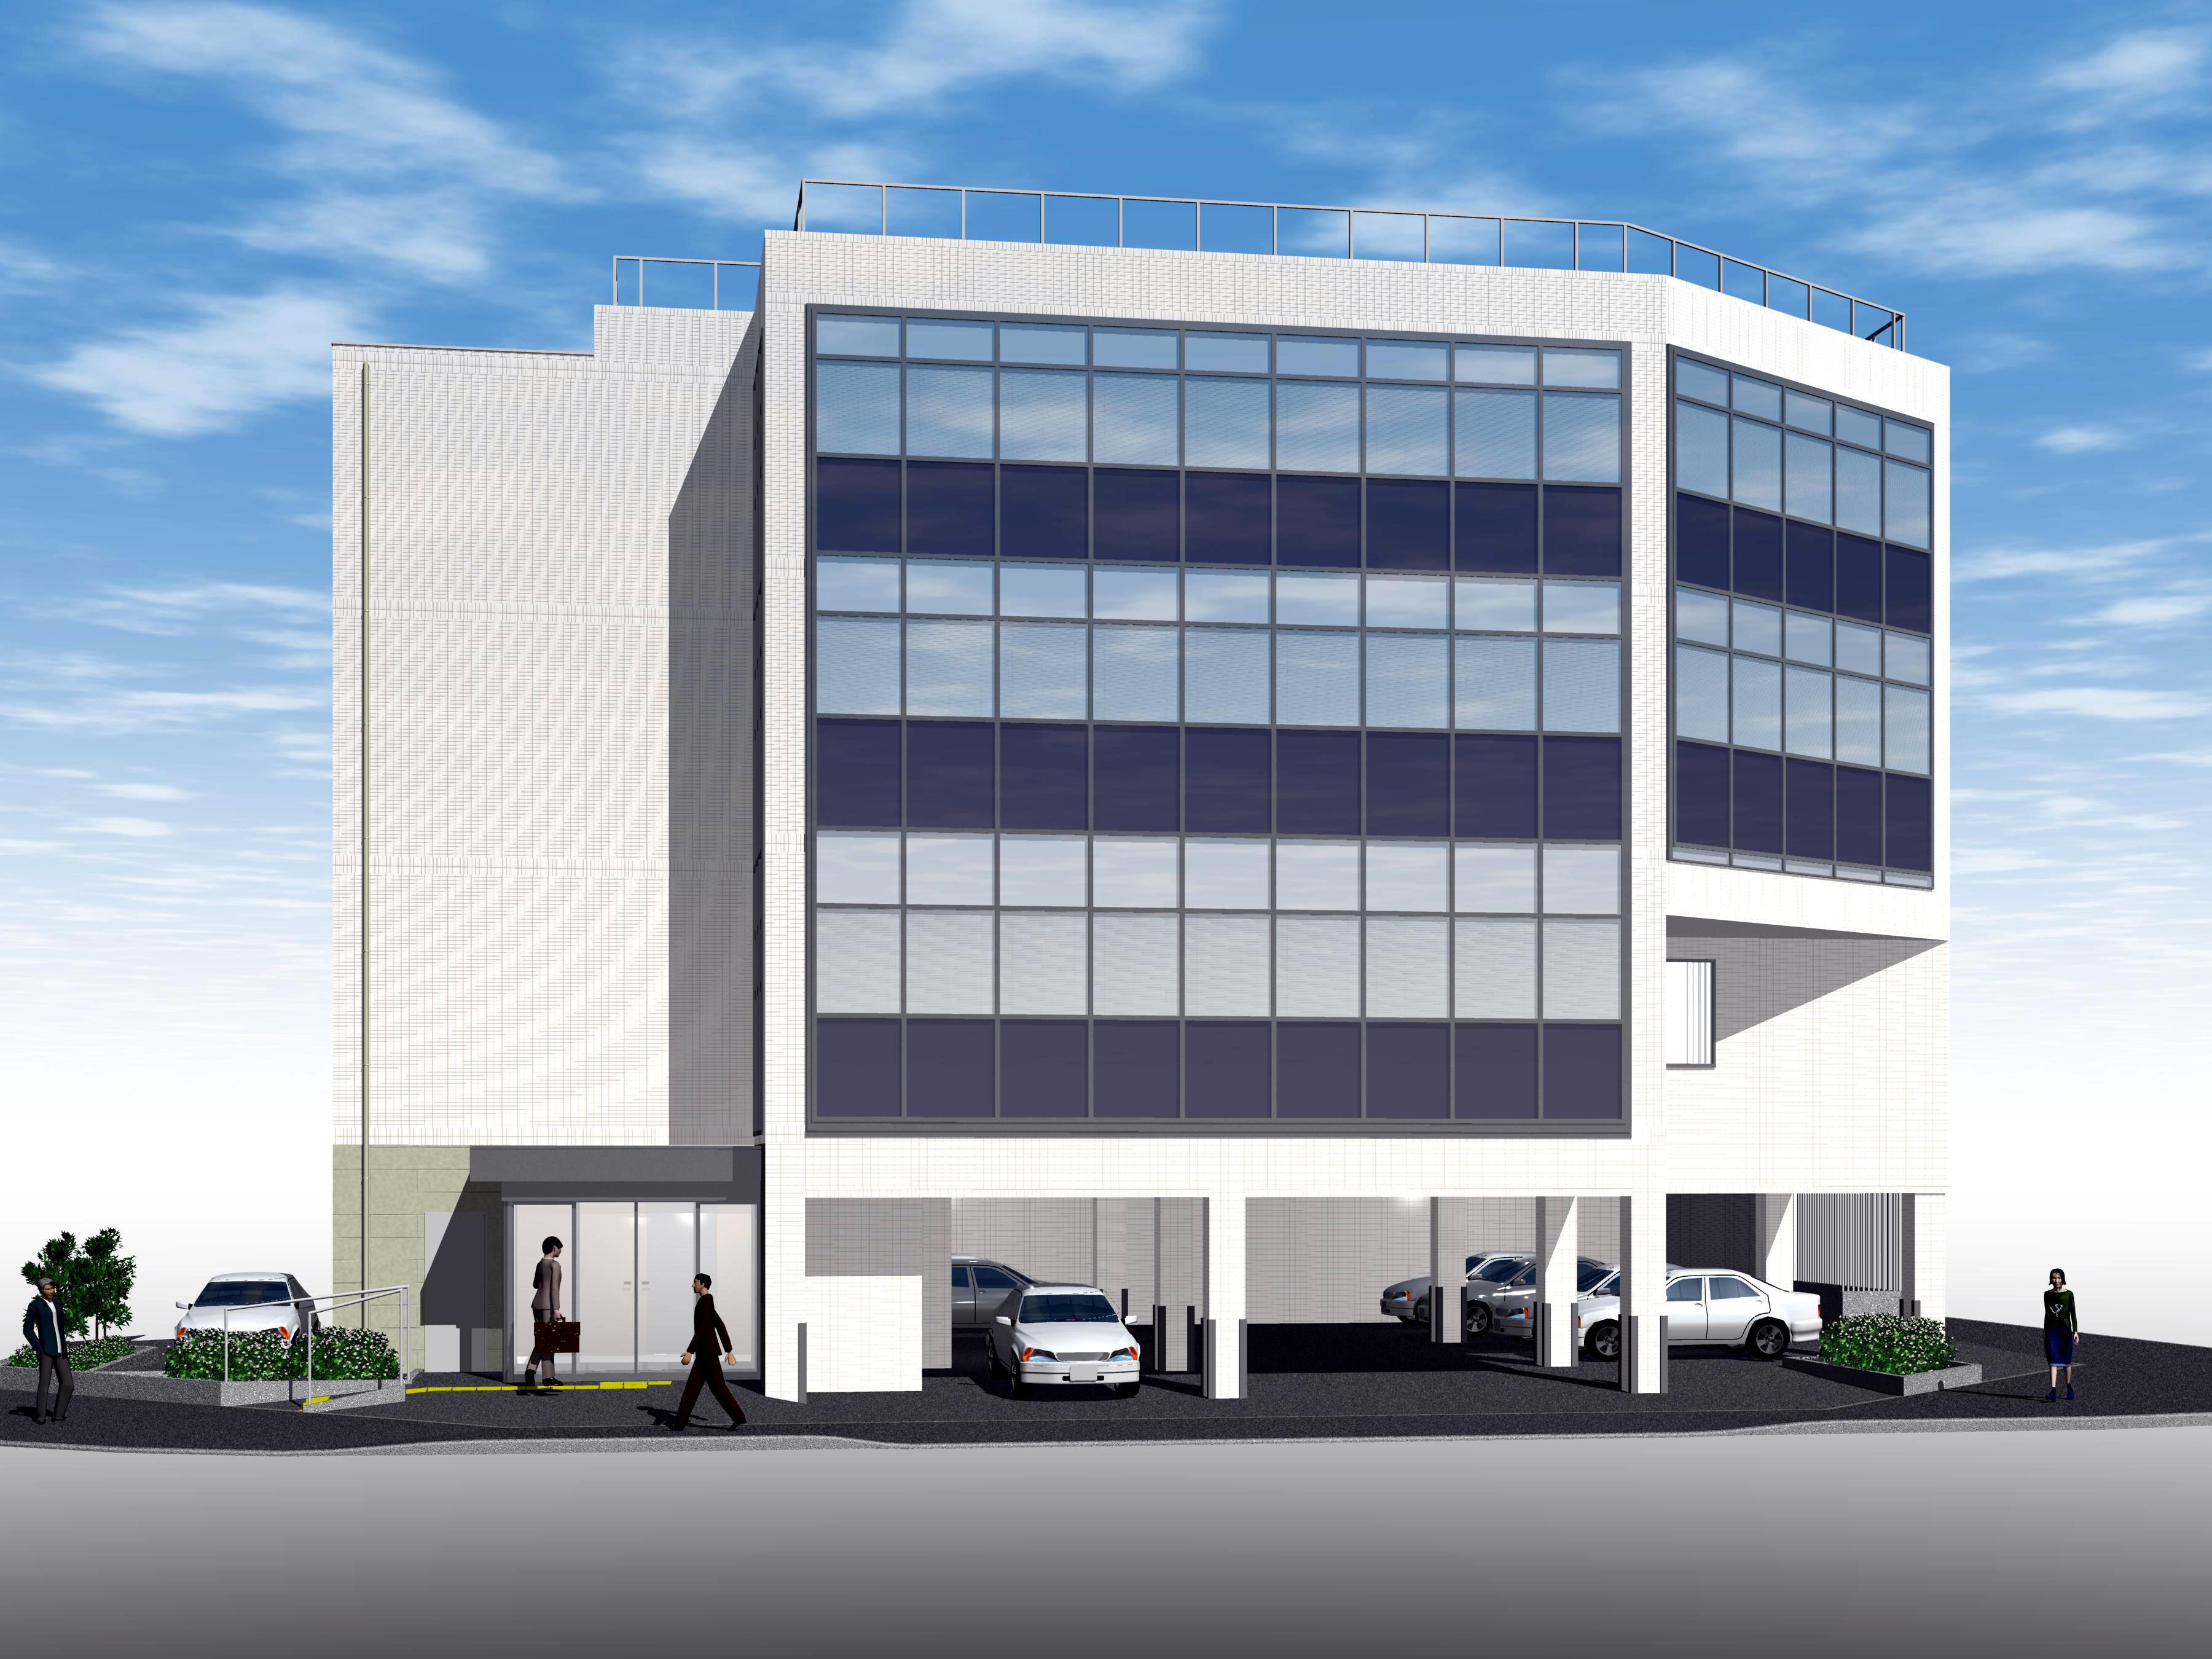 お知らせ 2019年8月開設予定 脇田整形外科の分院を地下鉄仲町台駅